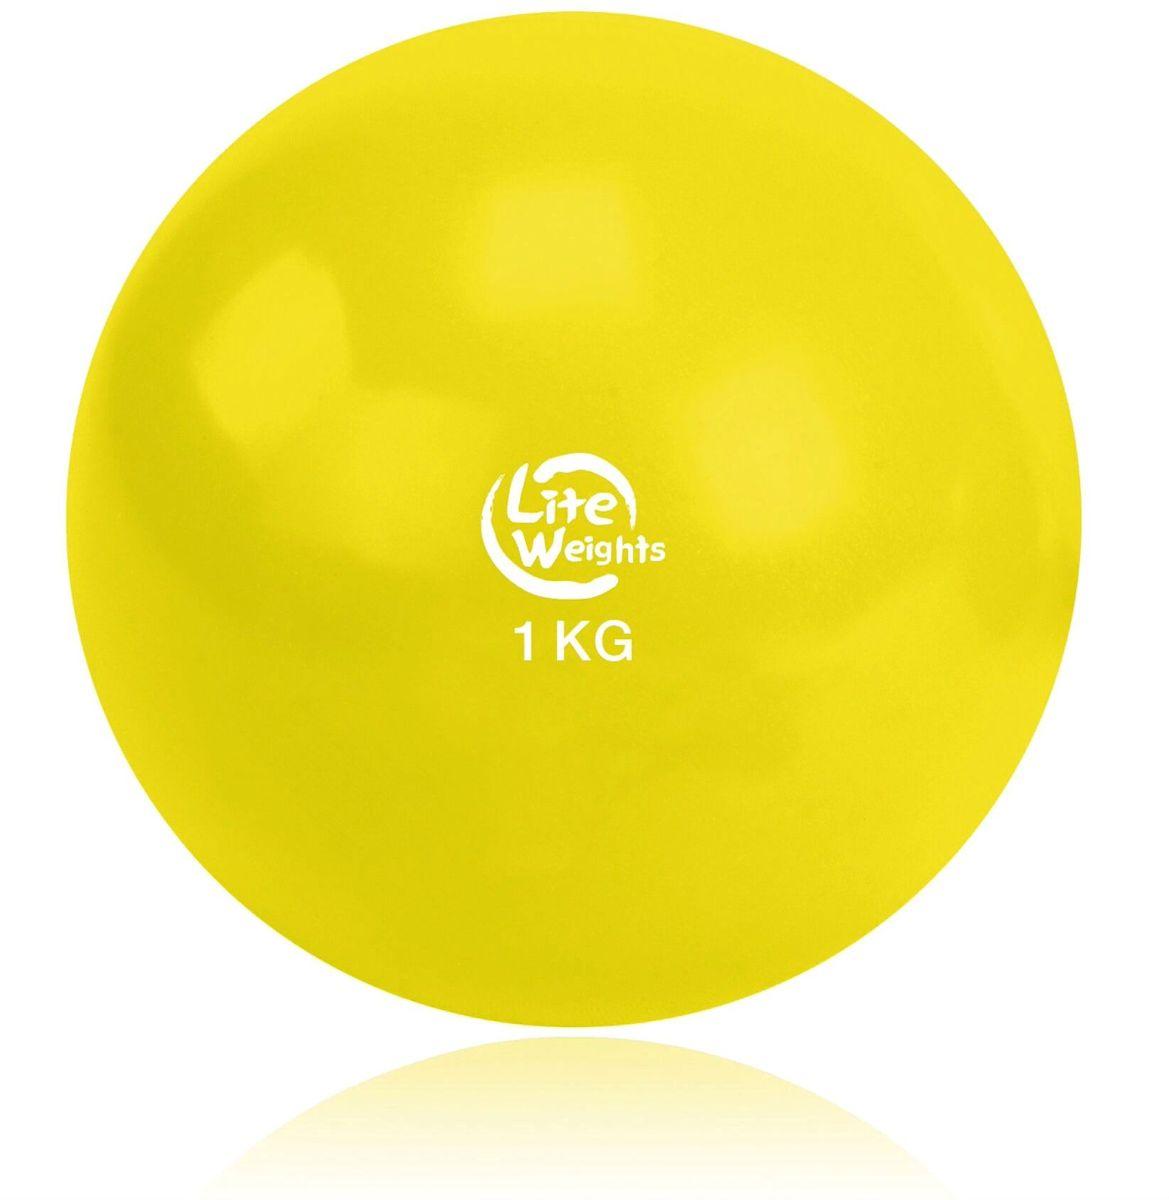 Медицинбол Lite Weights, цвет: желтый, 1 кг